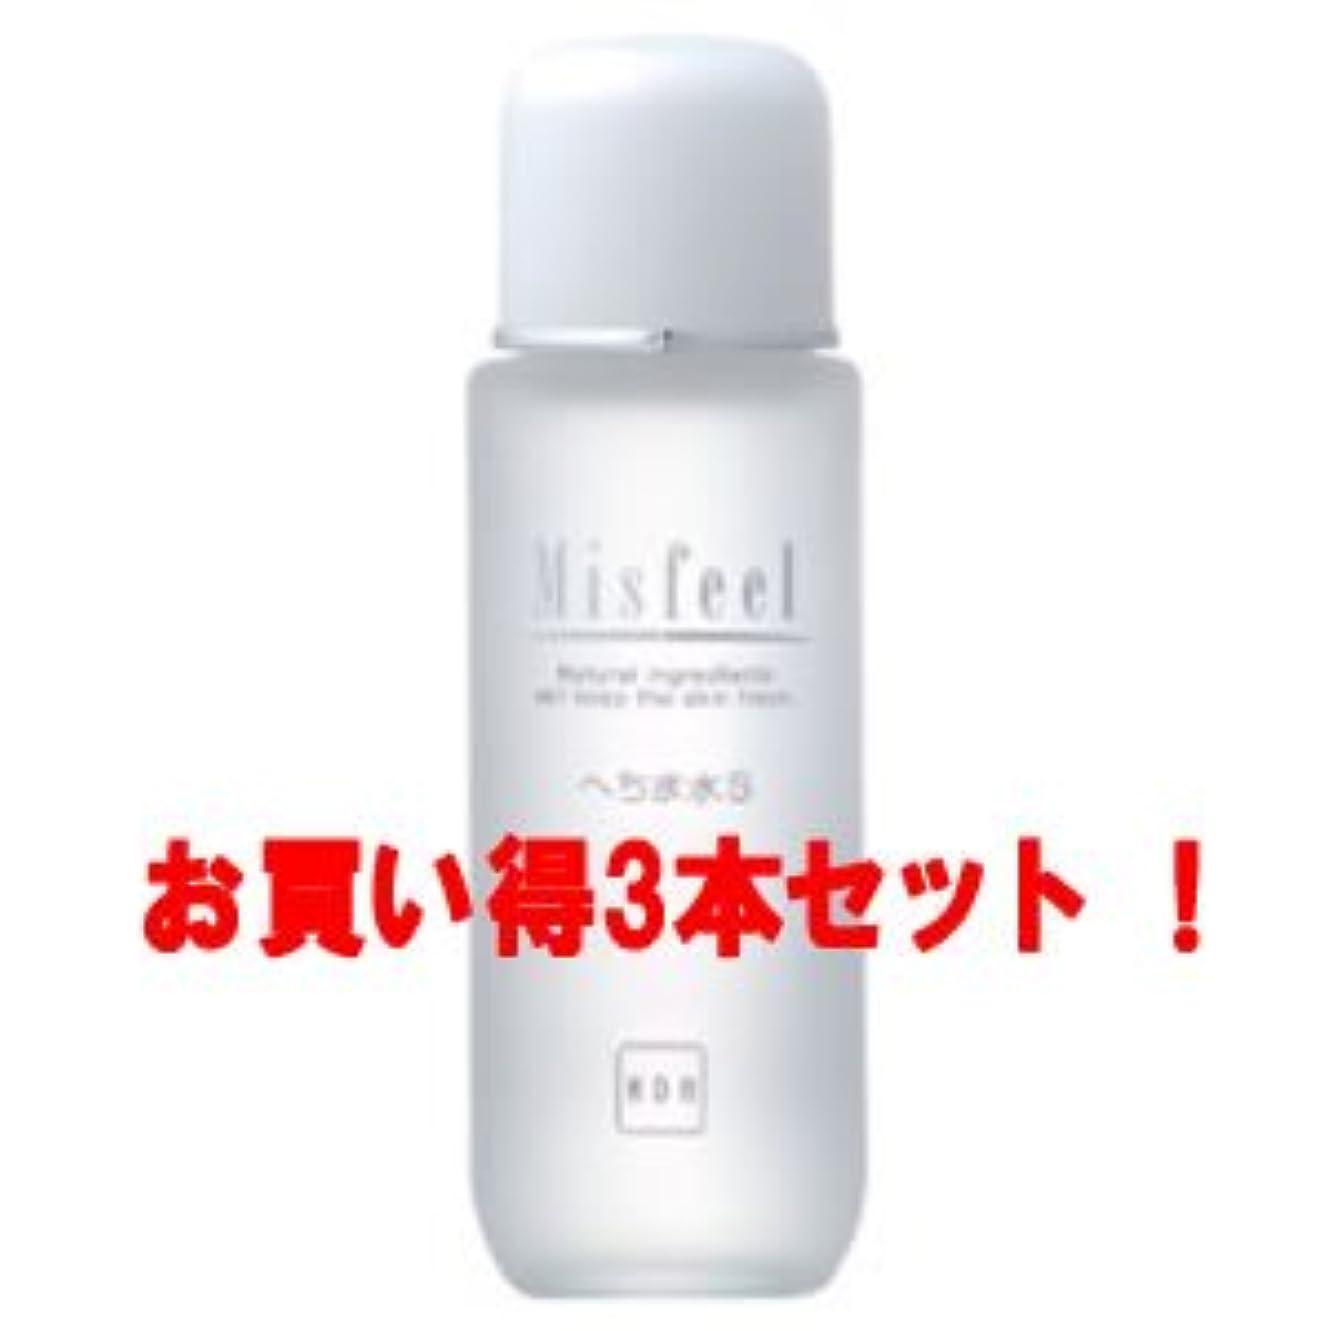 成分ラップトップ隠(アサバ化粧品)ミズフィール へちま水S120ml(お買い得3本セット)